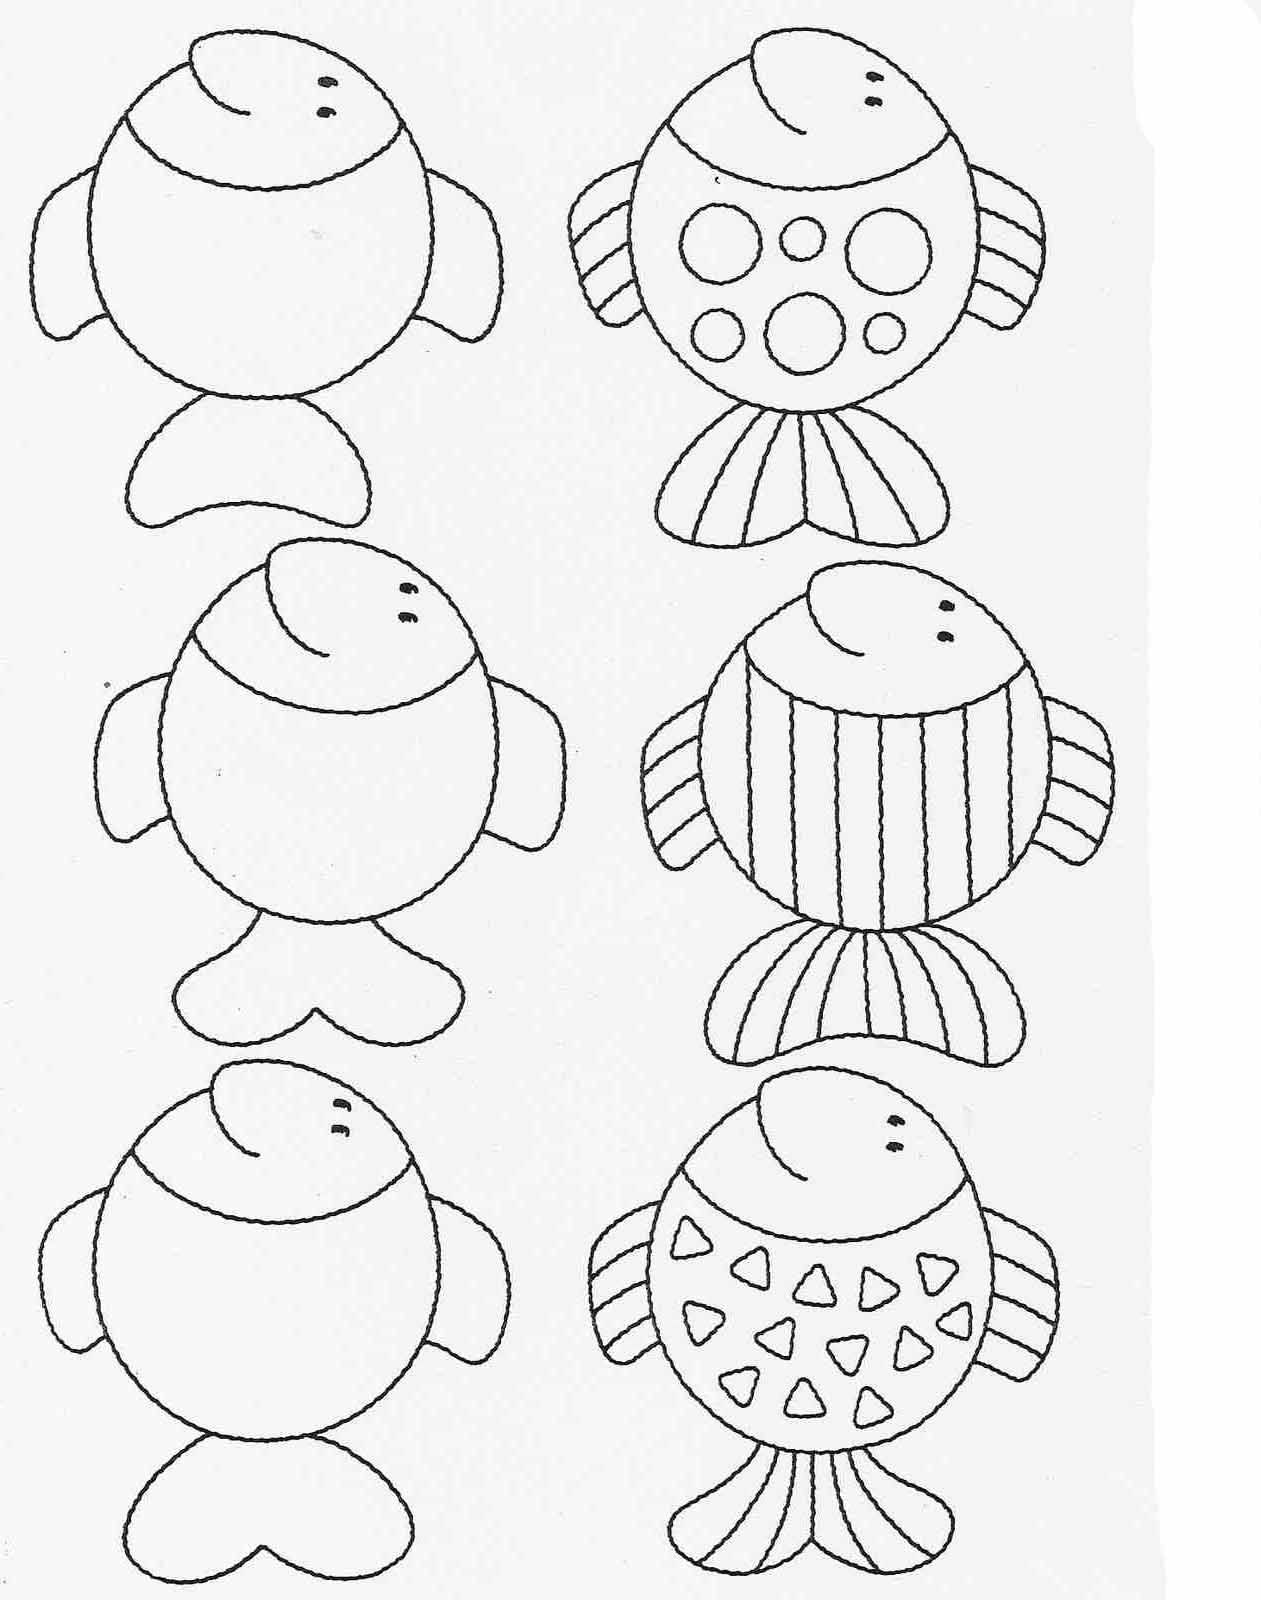 Actividades para ni os preescolar primaria e inicial - Trabajos manuales de navidad para ninos de primaria ...